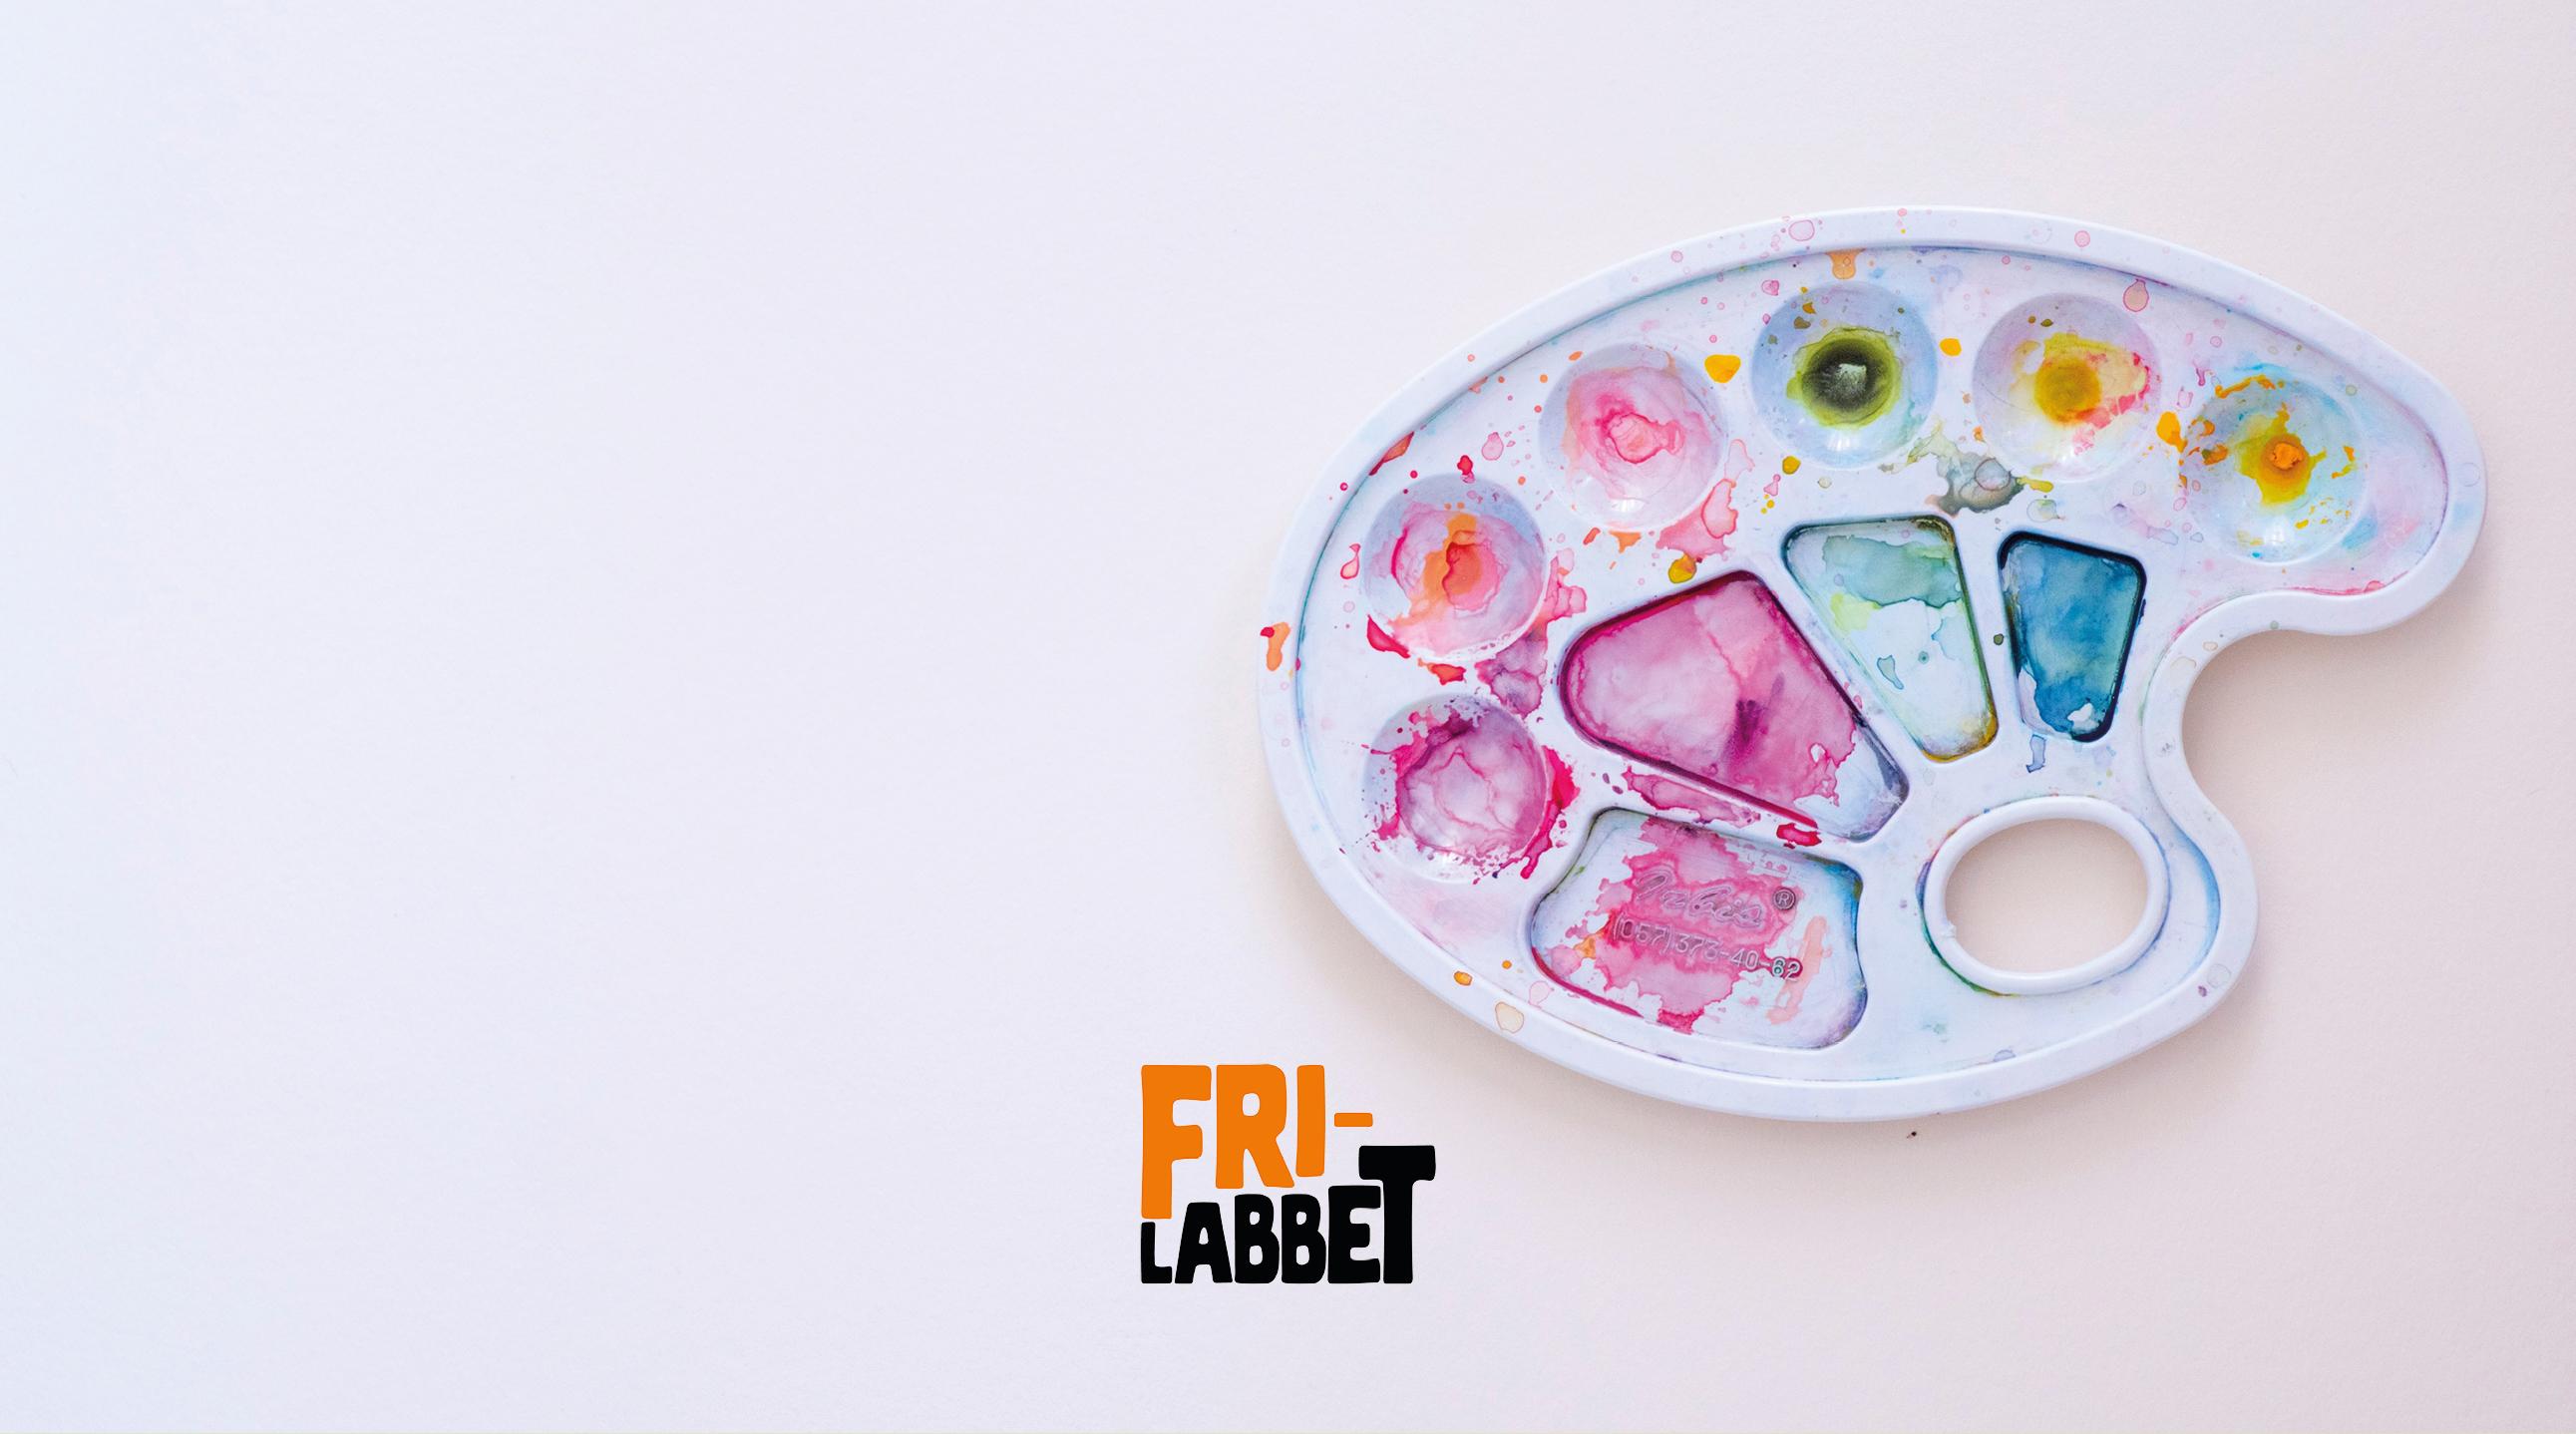 Kreativt häng: Akvarellmåleri och kreativt skrivande med Frilagrets ambassadörer